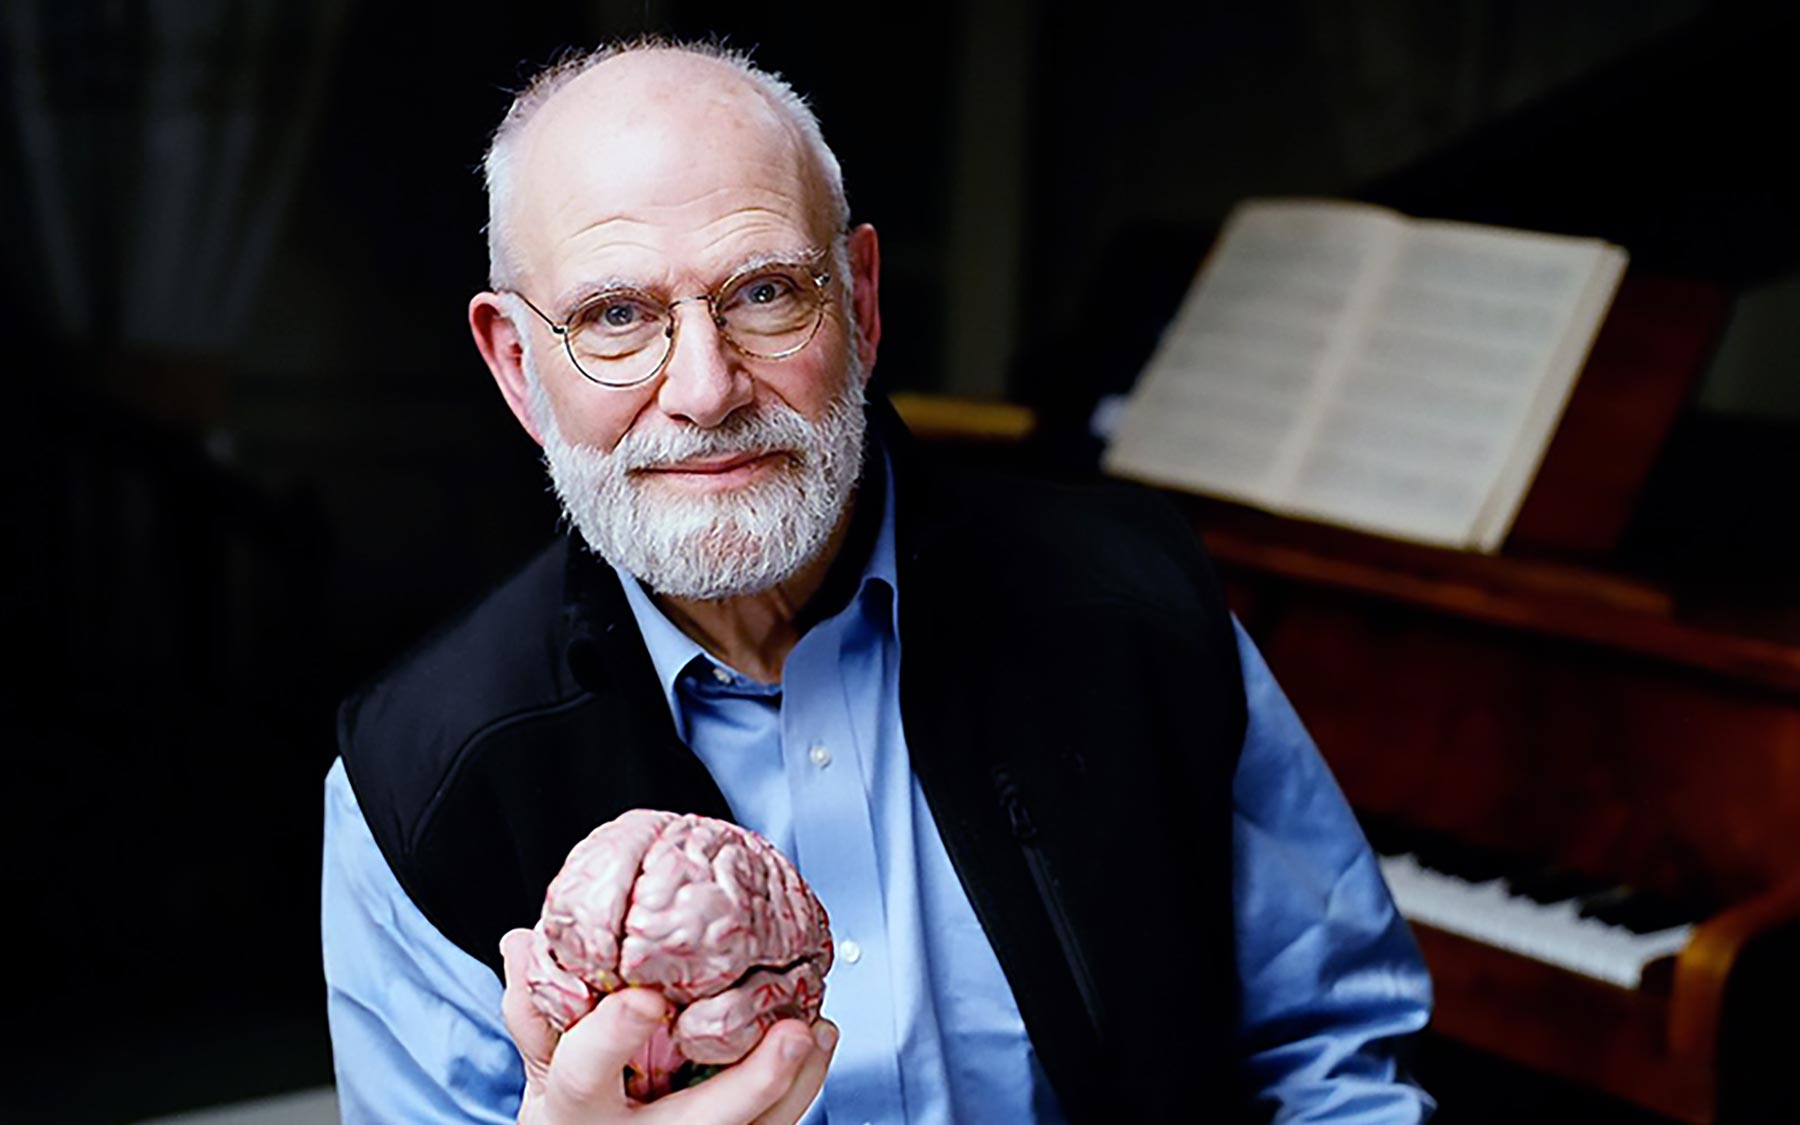 Dr. Oliver Sachs